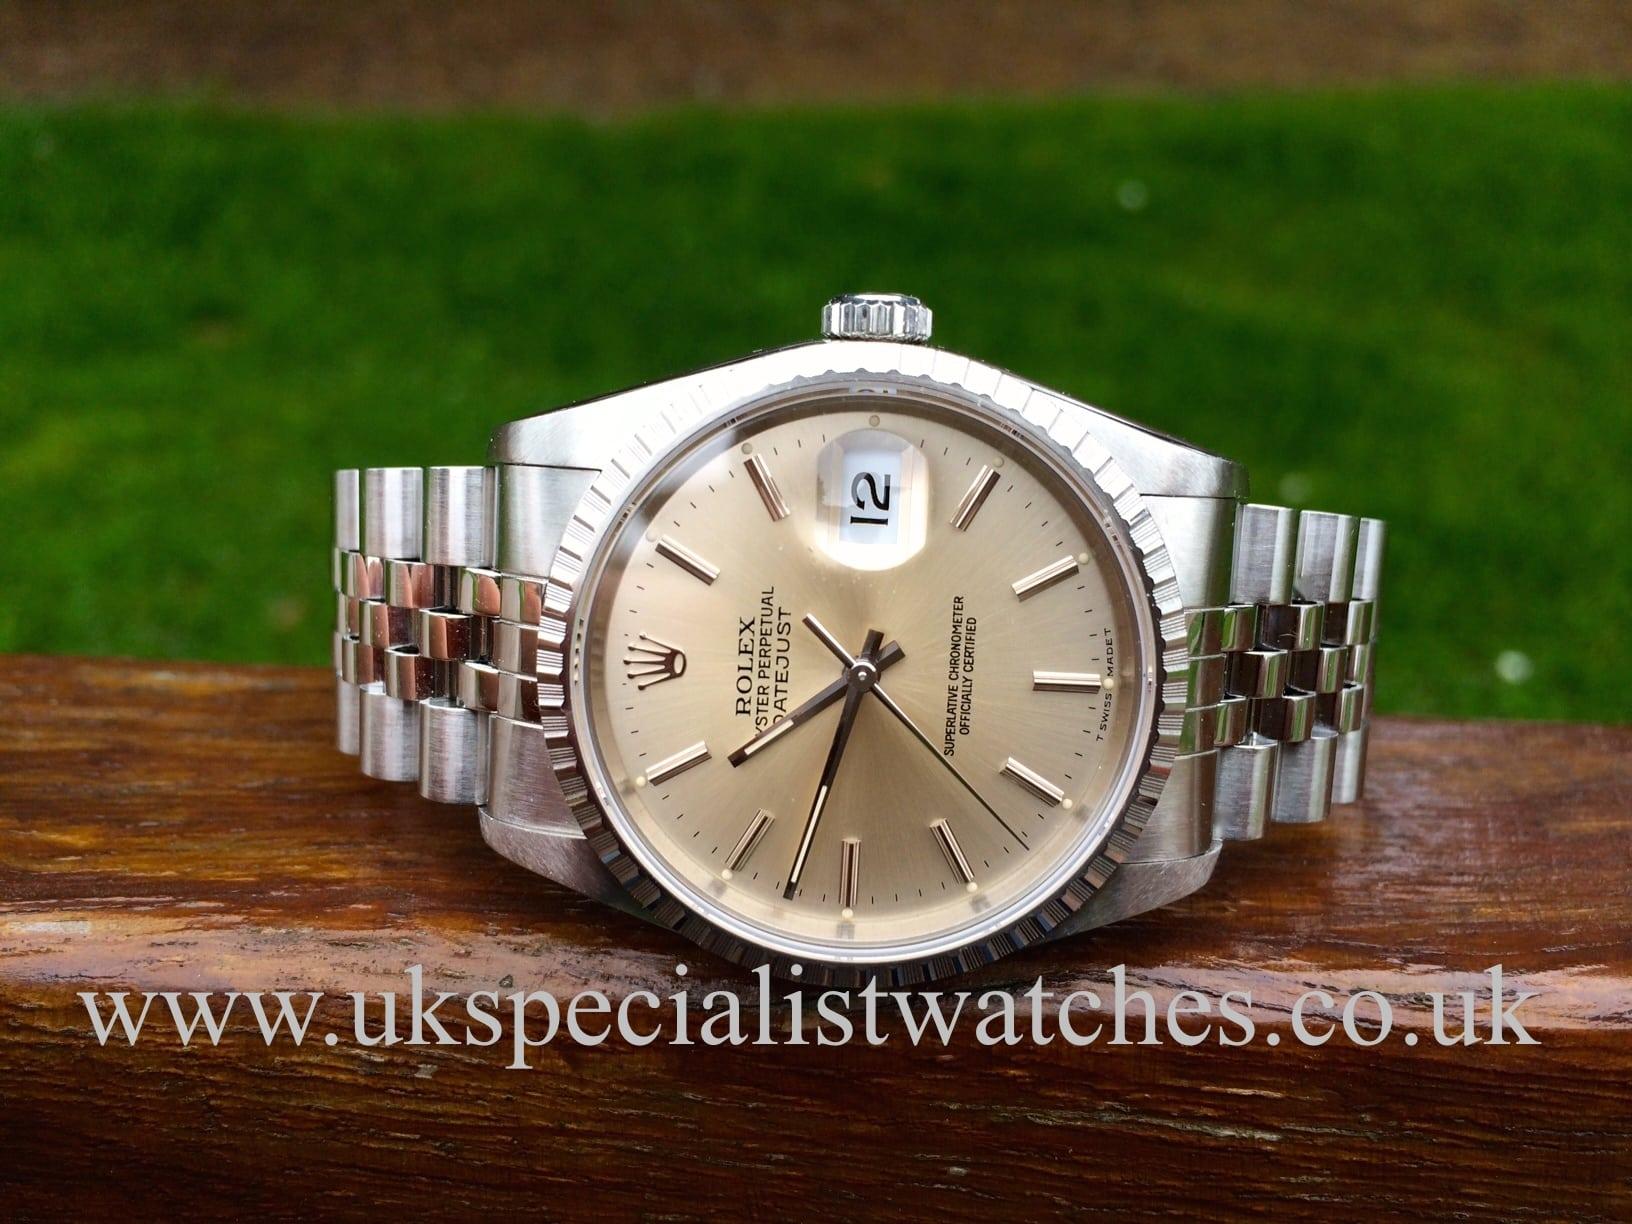 Rolex Date-Just 16220 36mm - Jubilee Bracelet